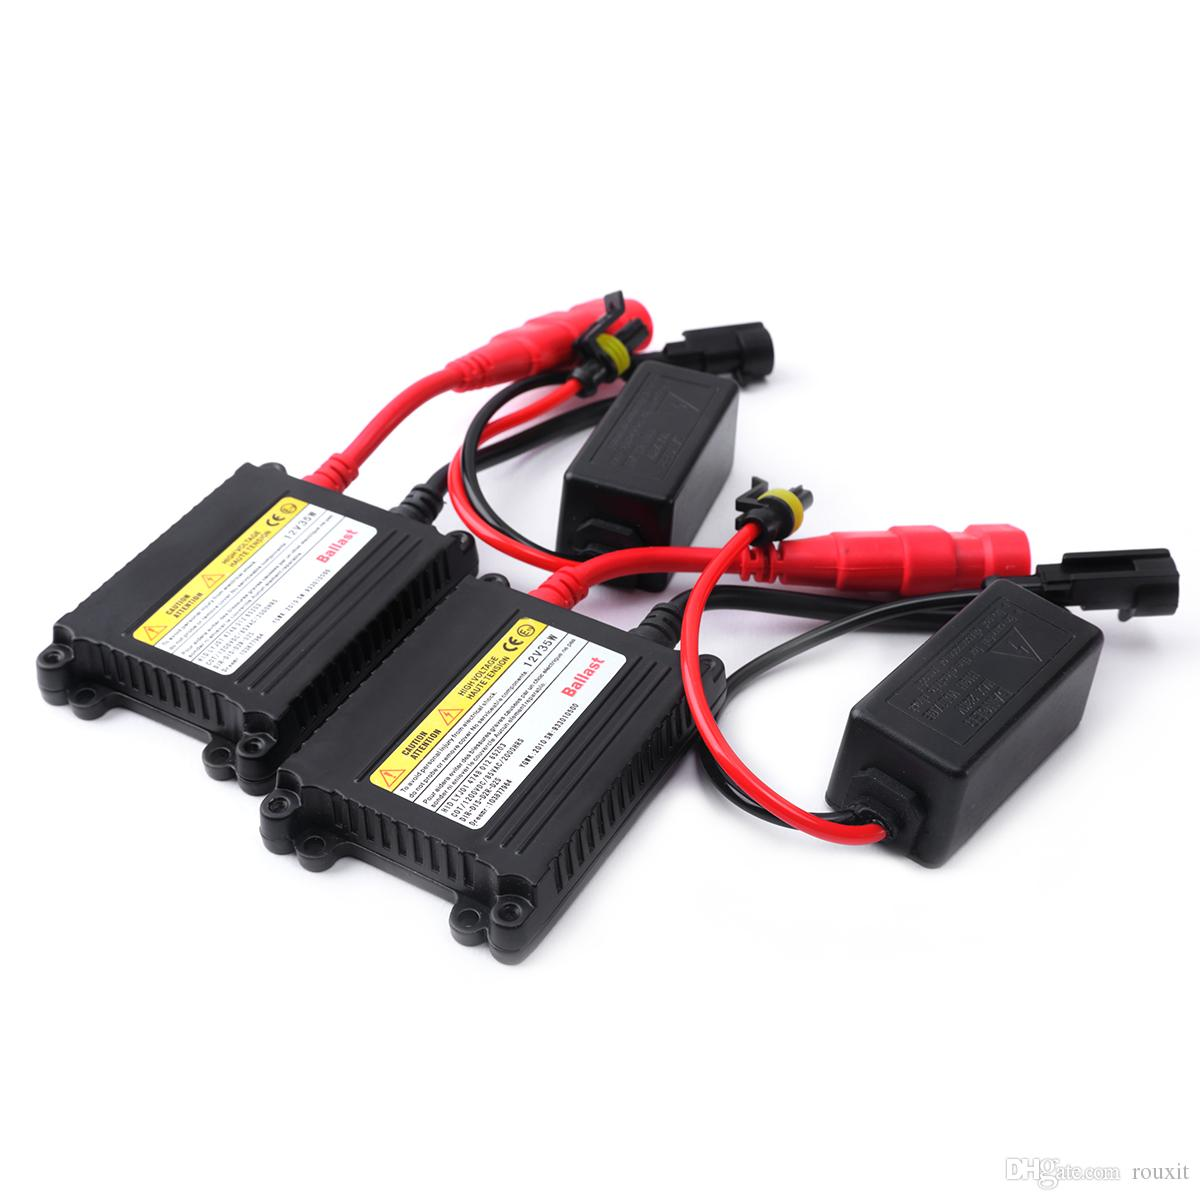 5 unids Slim DC HID Balastro de Xenón 12 V 35 W para HID Bombillas de Repuesto Lastre Hid Balastos Balastros de Xenón